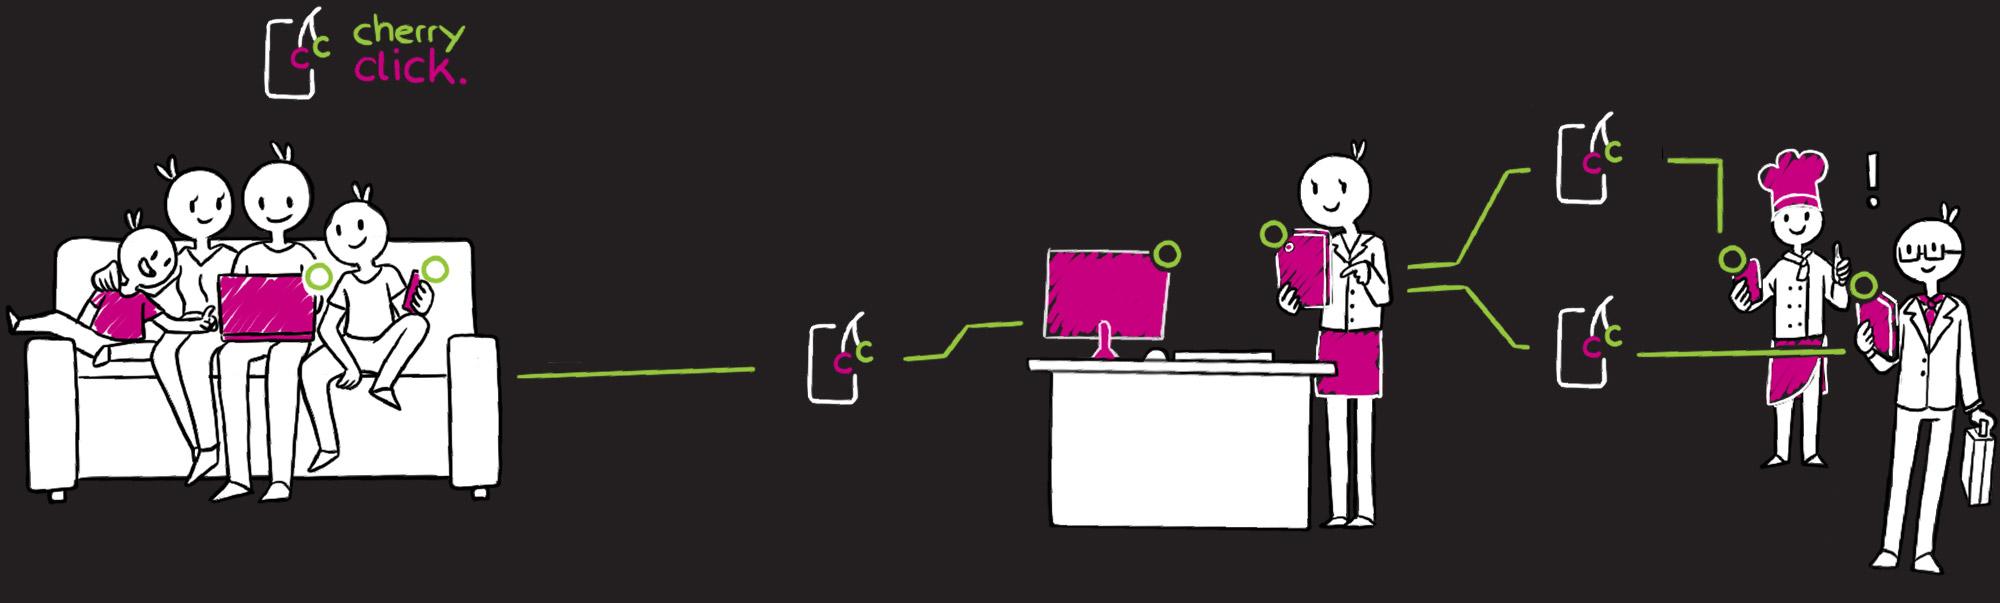 Prozess-Lösung mit cherry-click